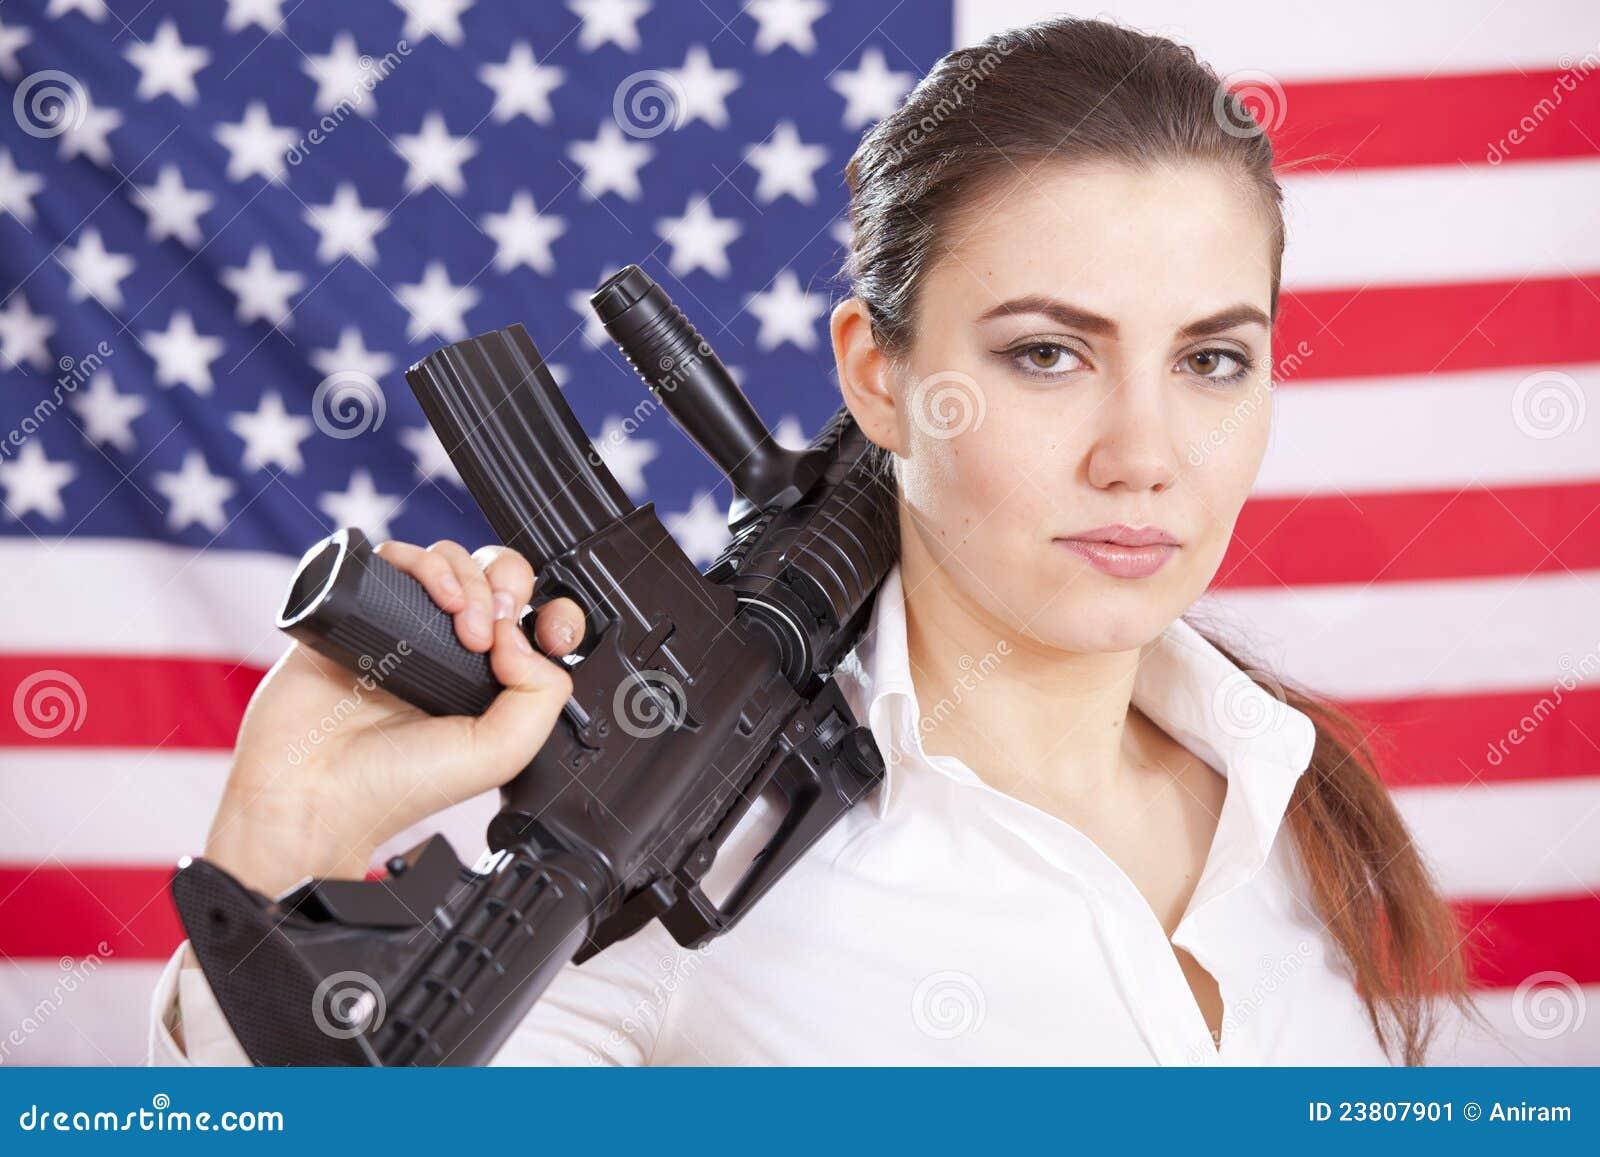 American Flag Gun Stock Photos Download 5 544 Royalty Free Photos